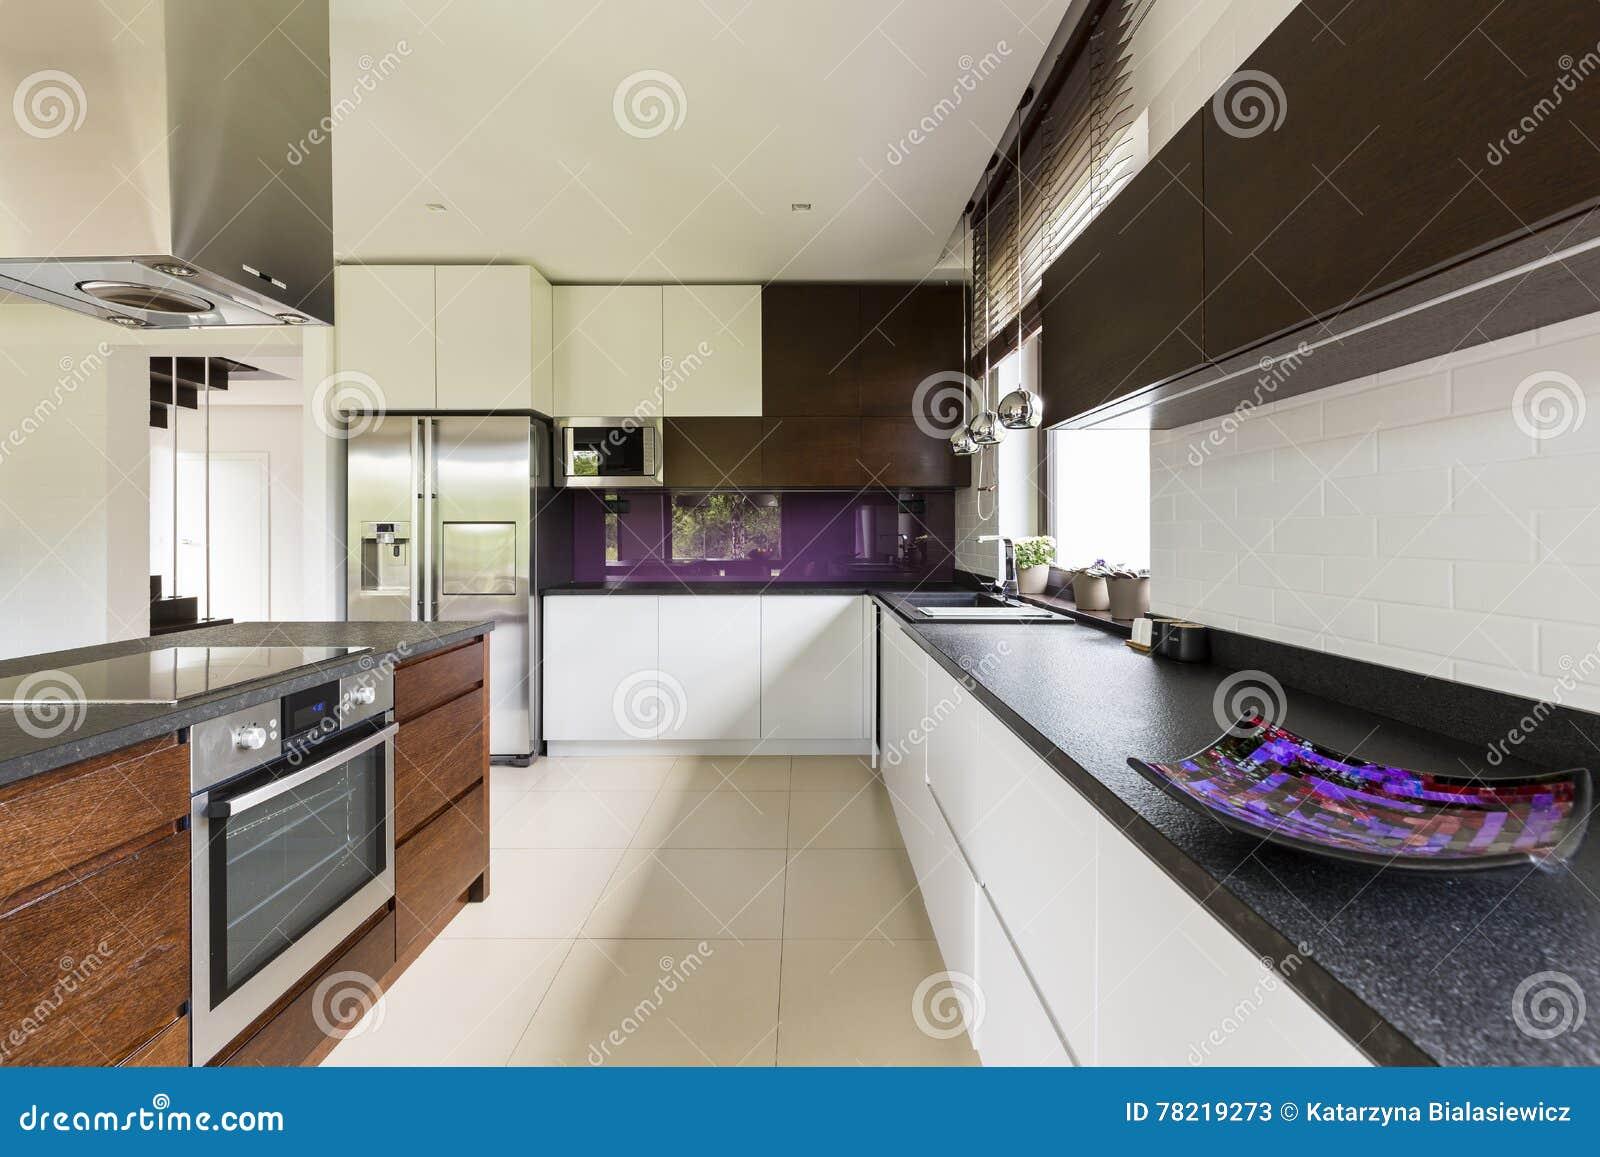 一位有天才的厨师的宽敞厨房